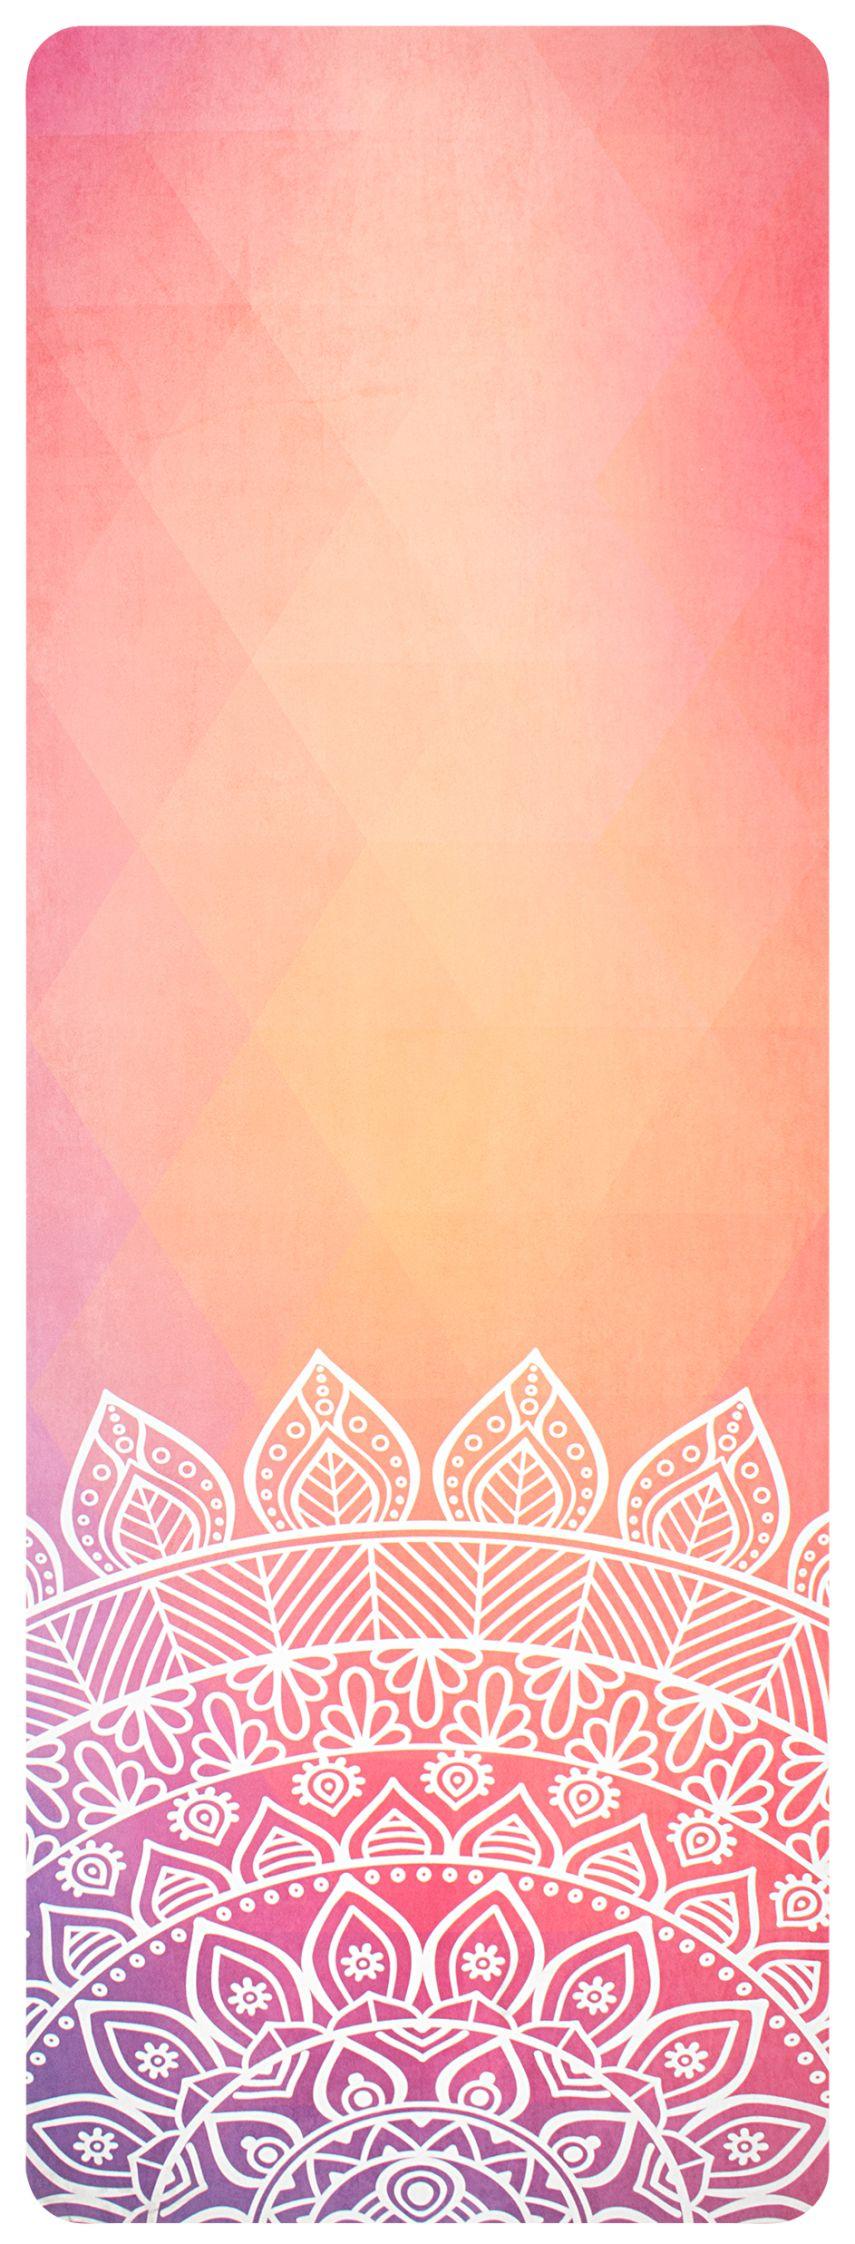 Mat Yoga Print • Microfiber Suede •